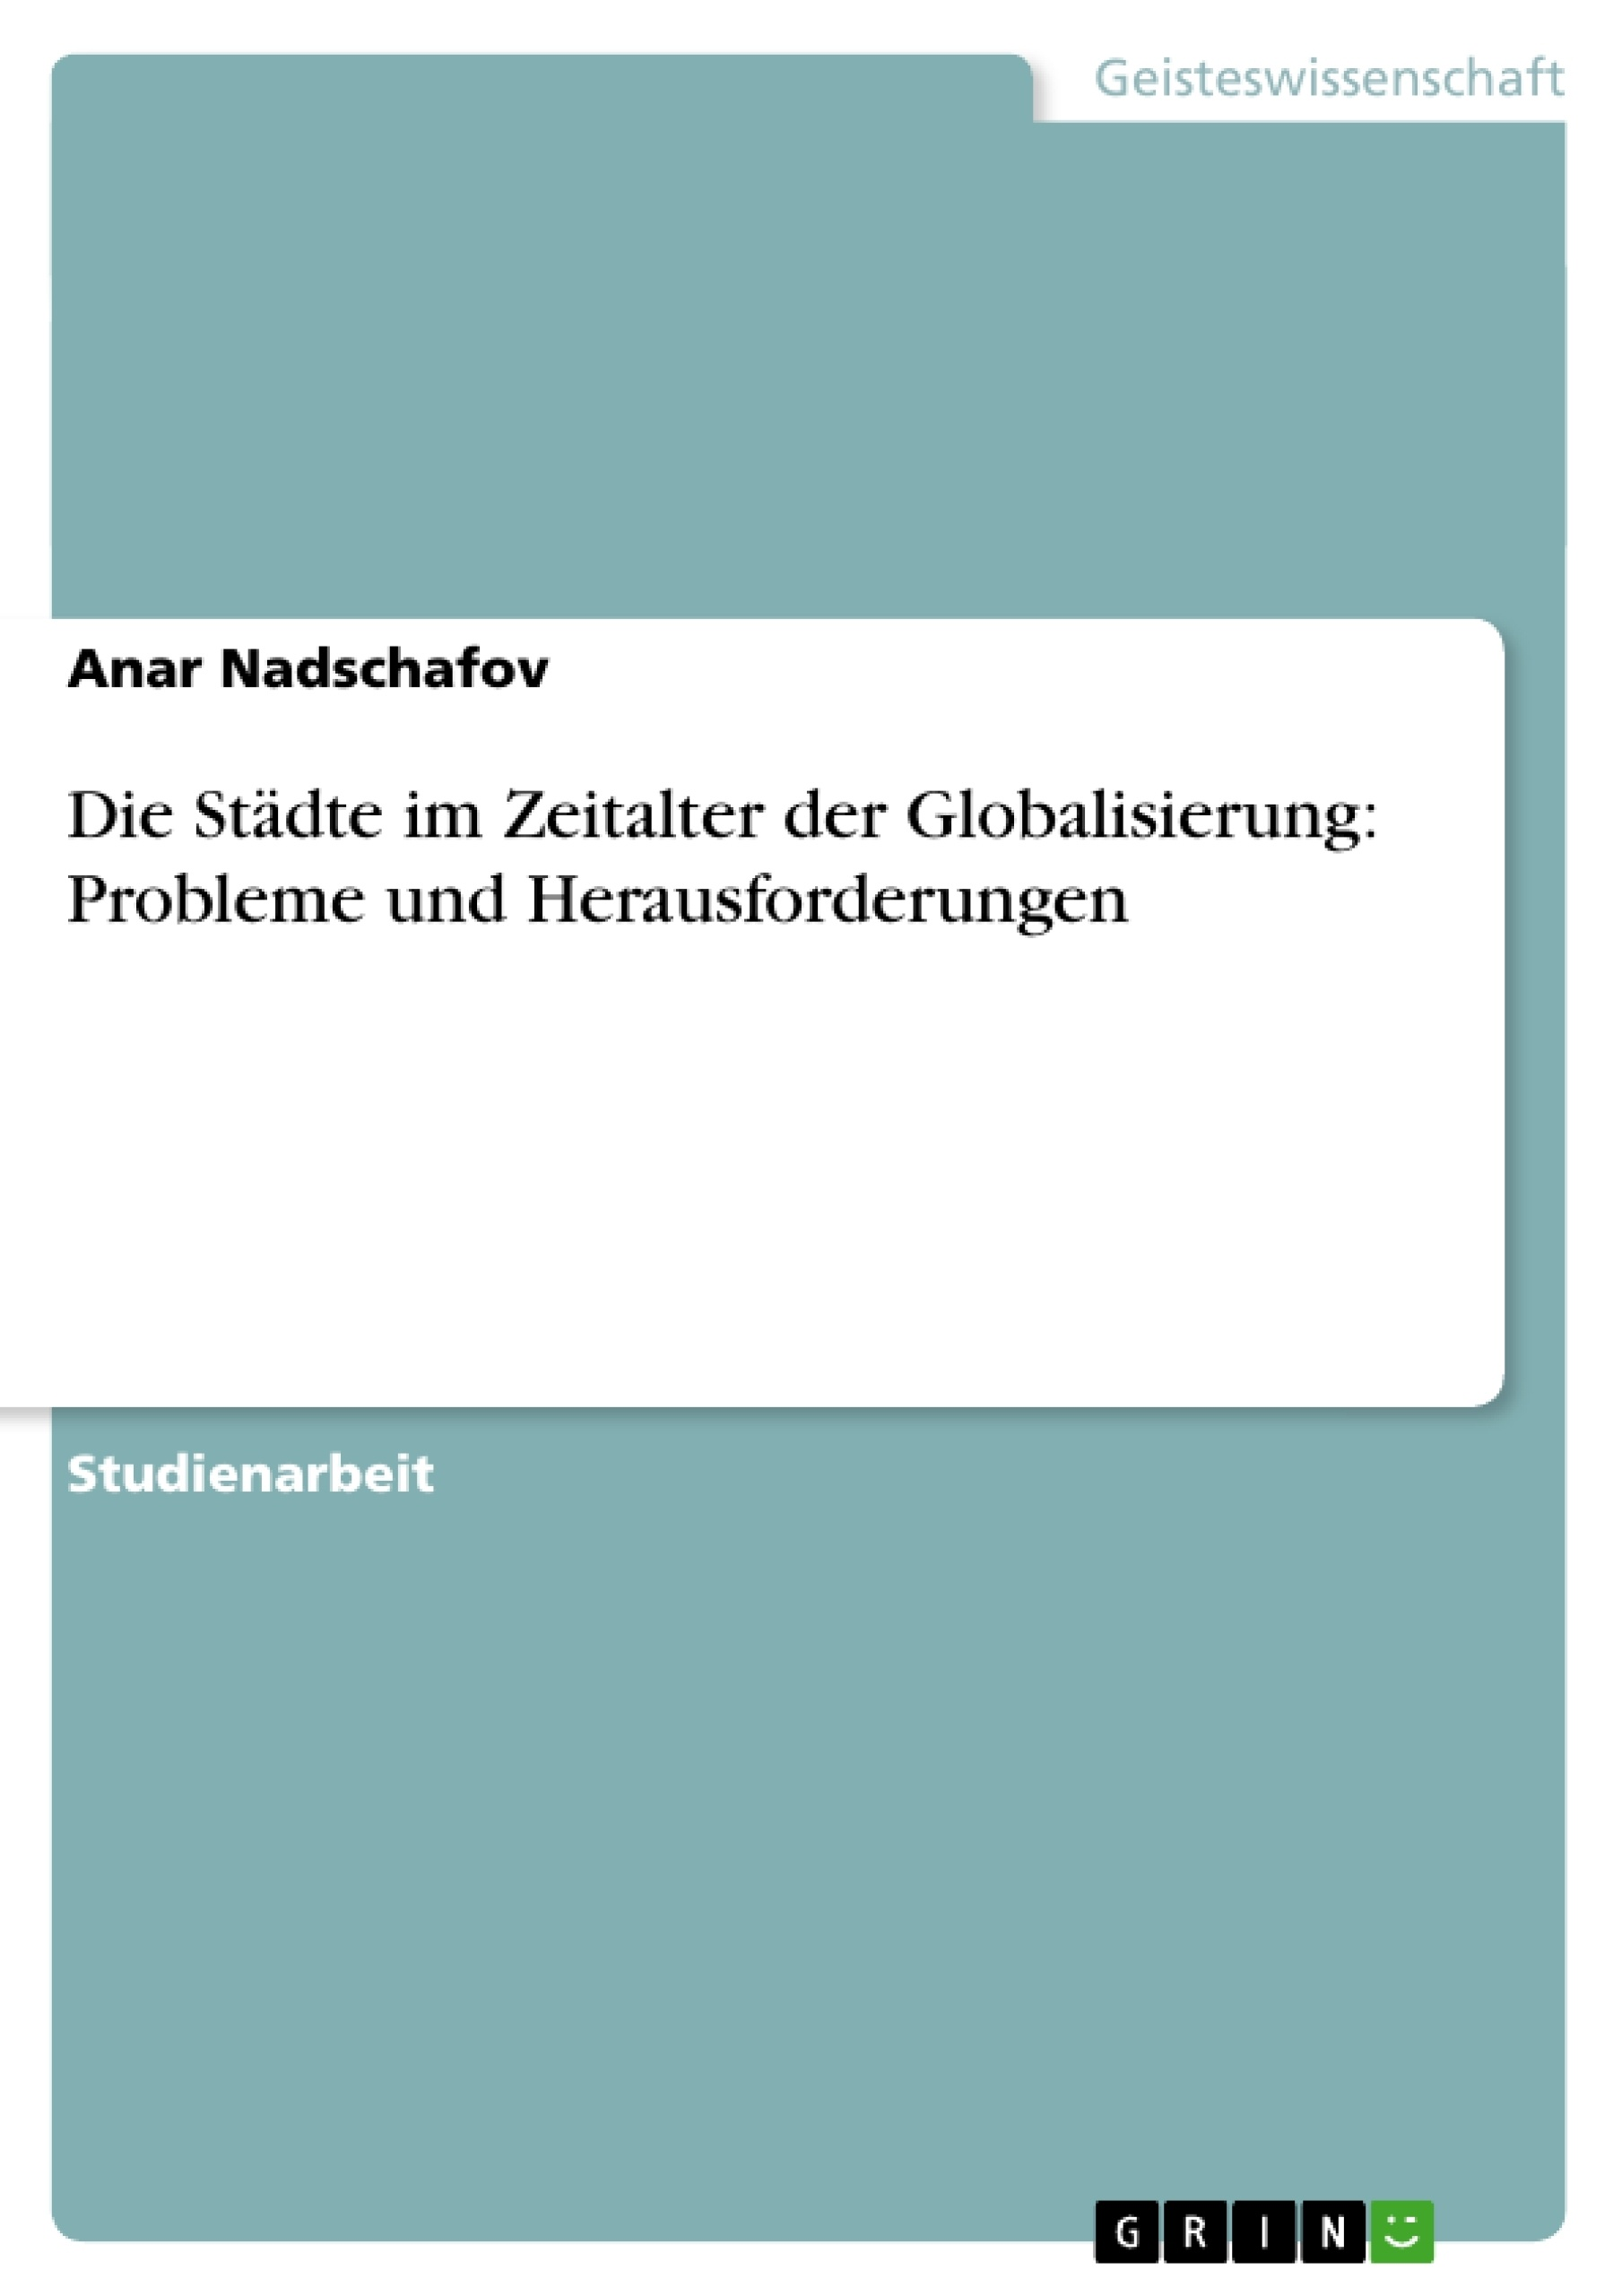 Titel: Die Städte im Zeitalter der Globalisierung: Probleme und Herausforderungen